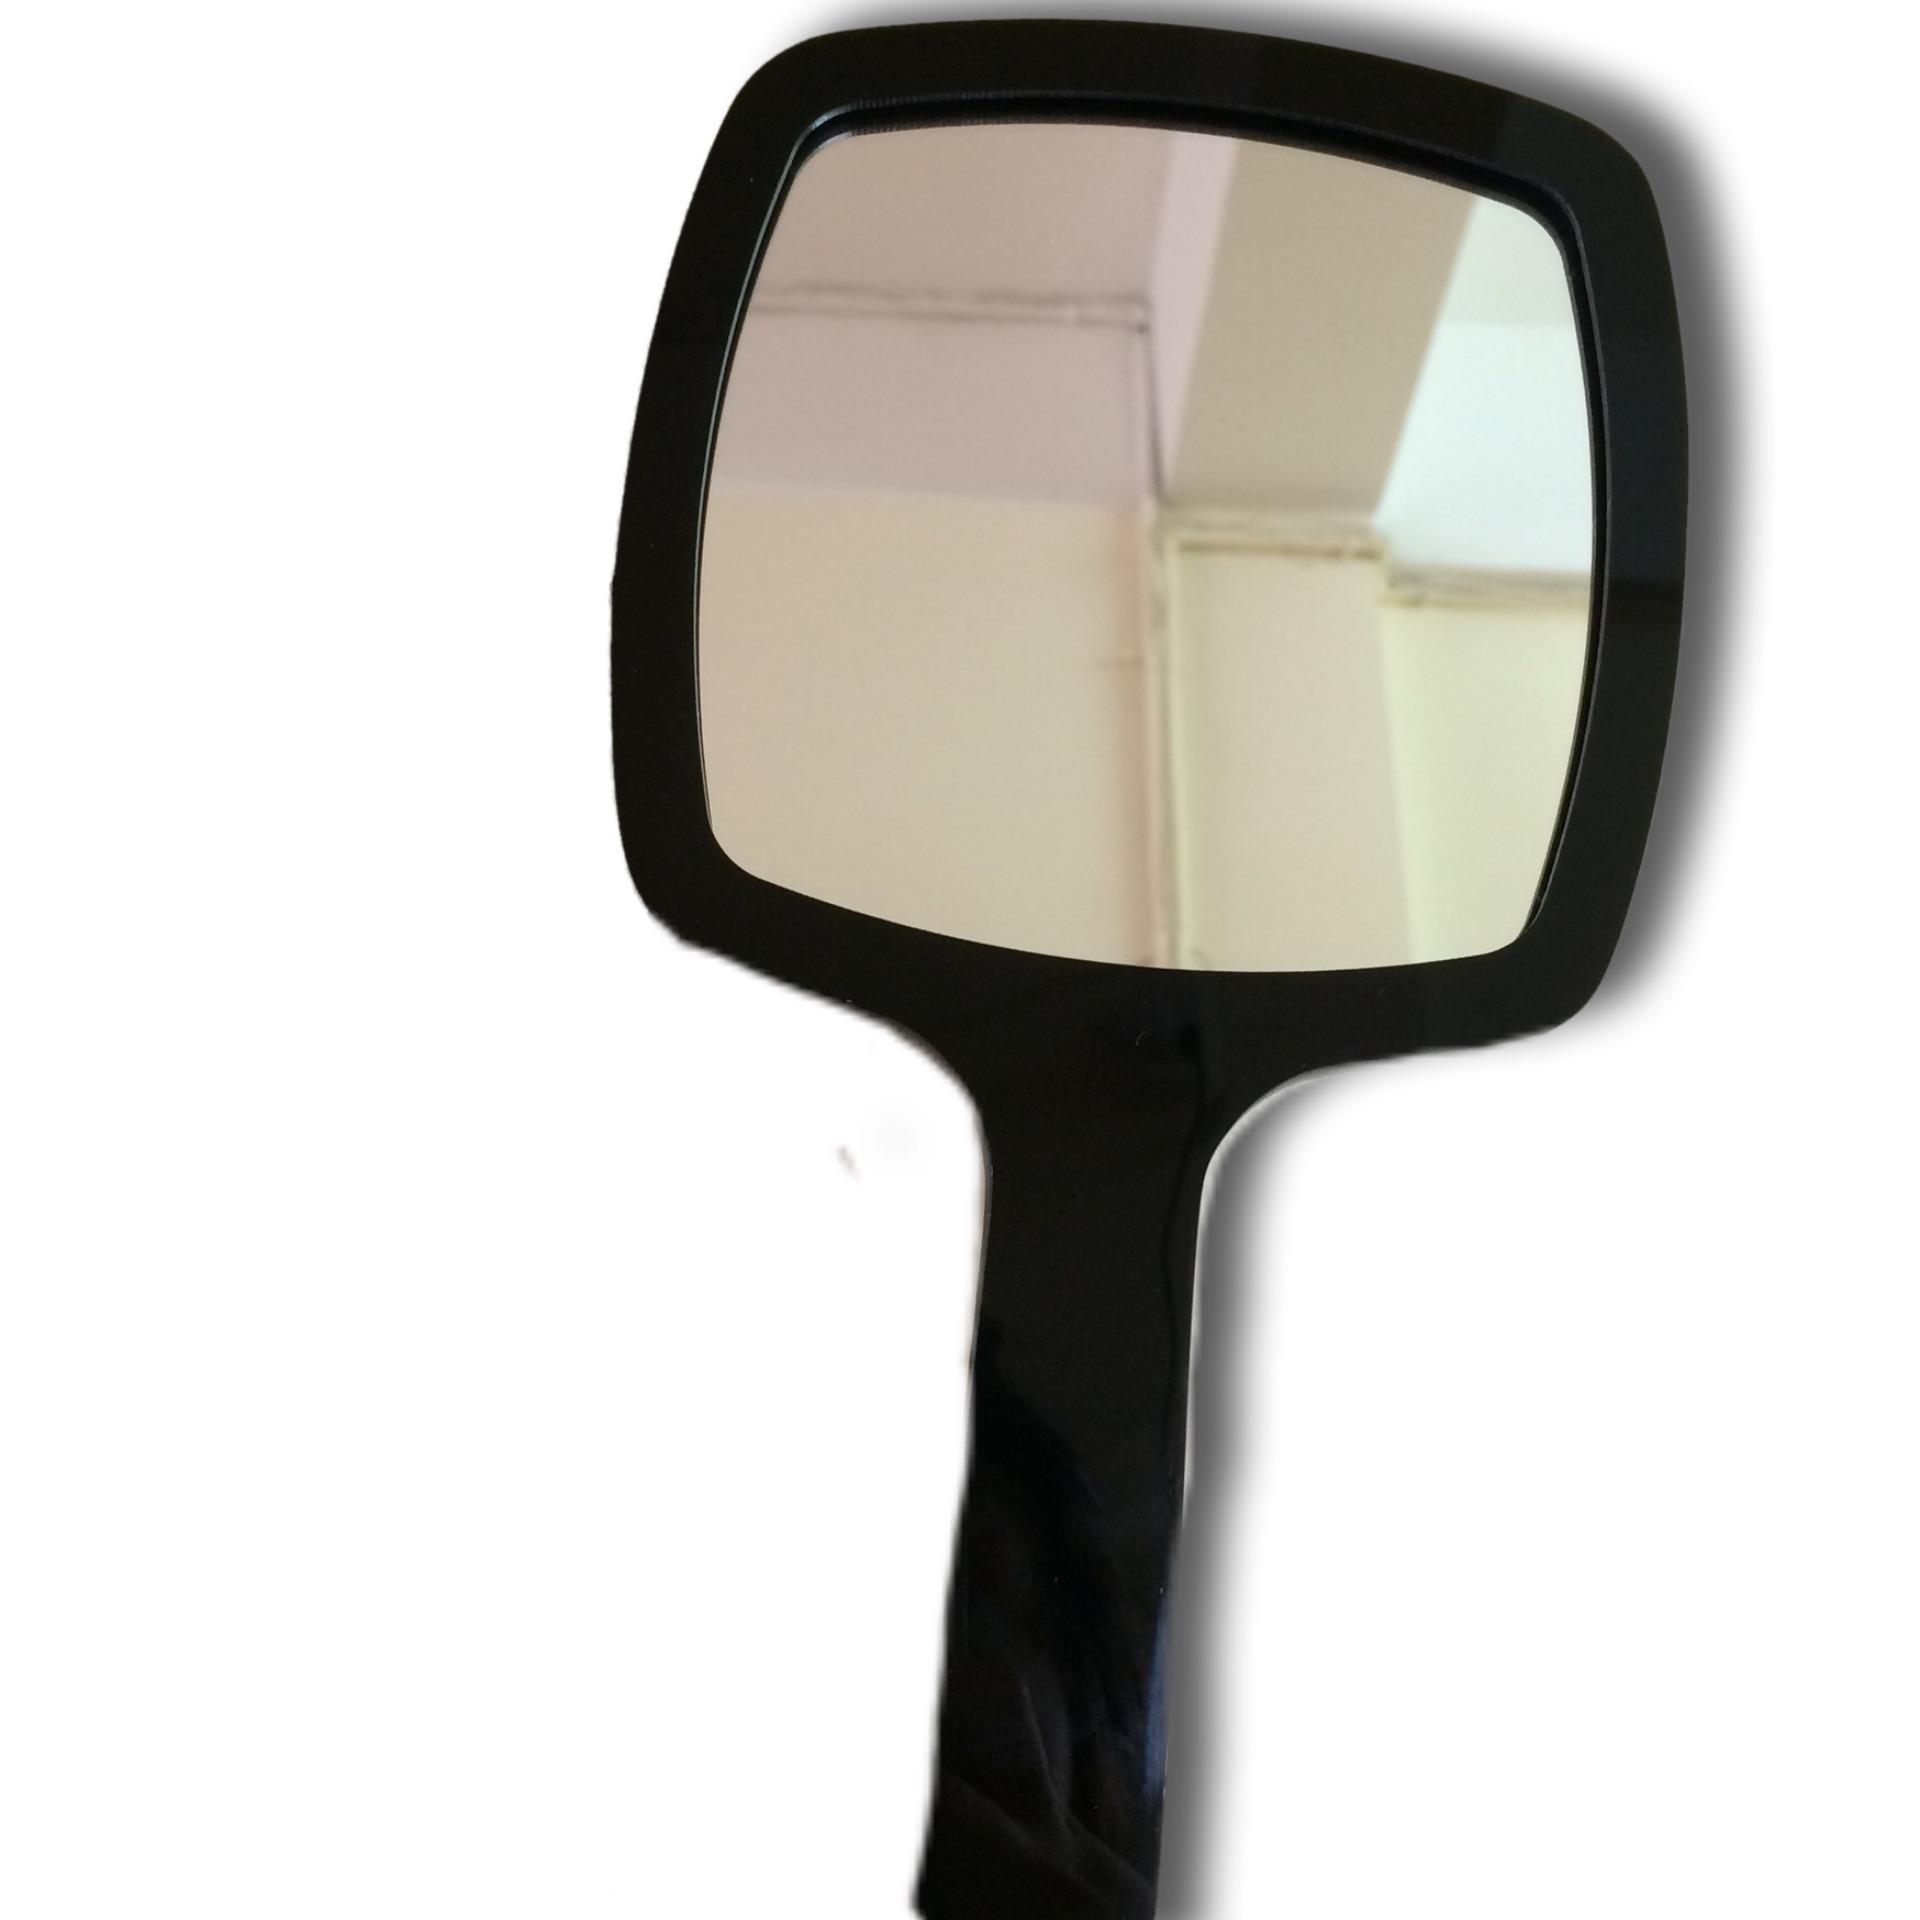 Gương vuông đen cầm tay - Dụng cụ phun xăm tốt nhất